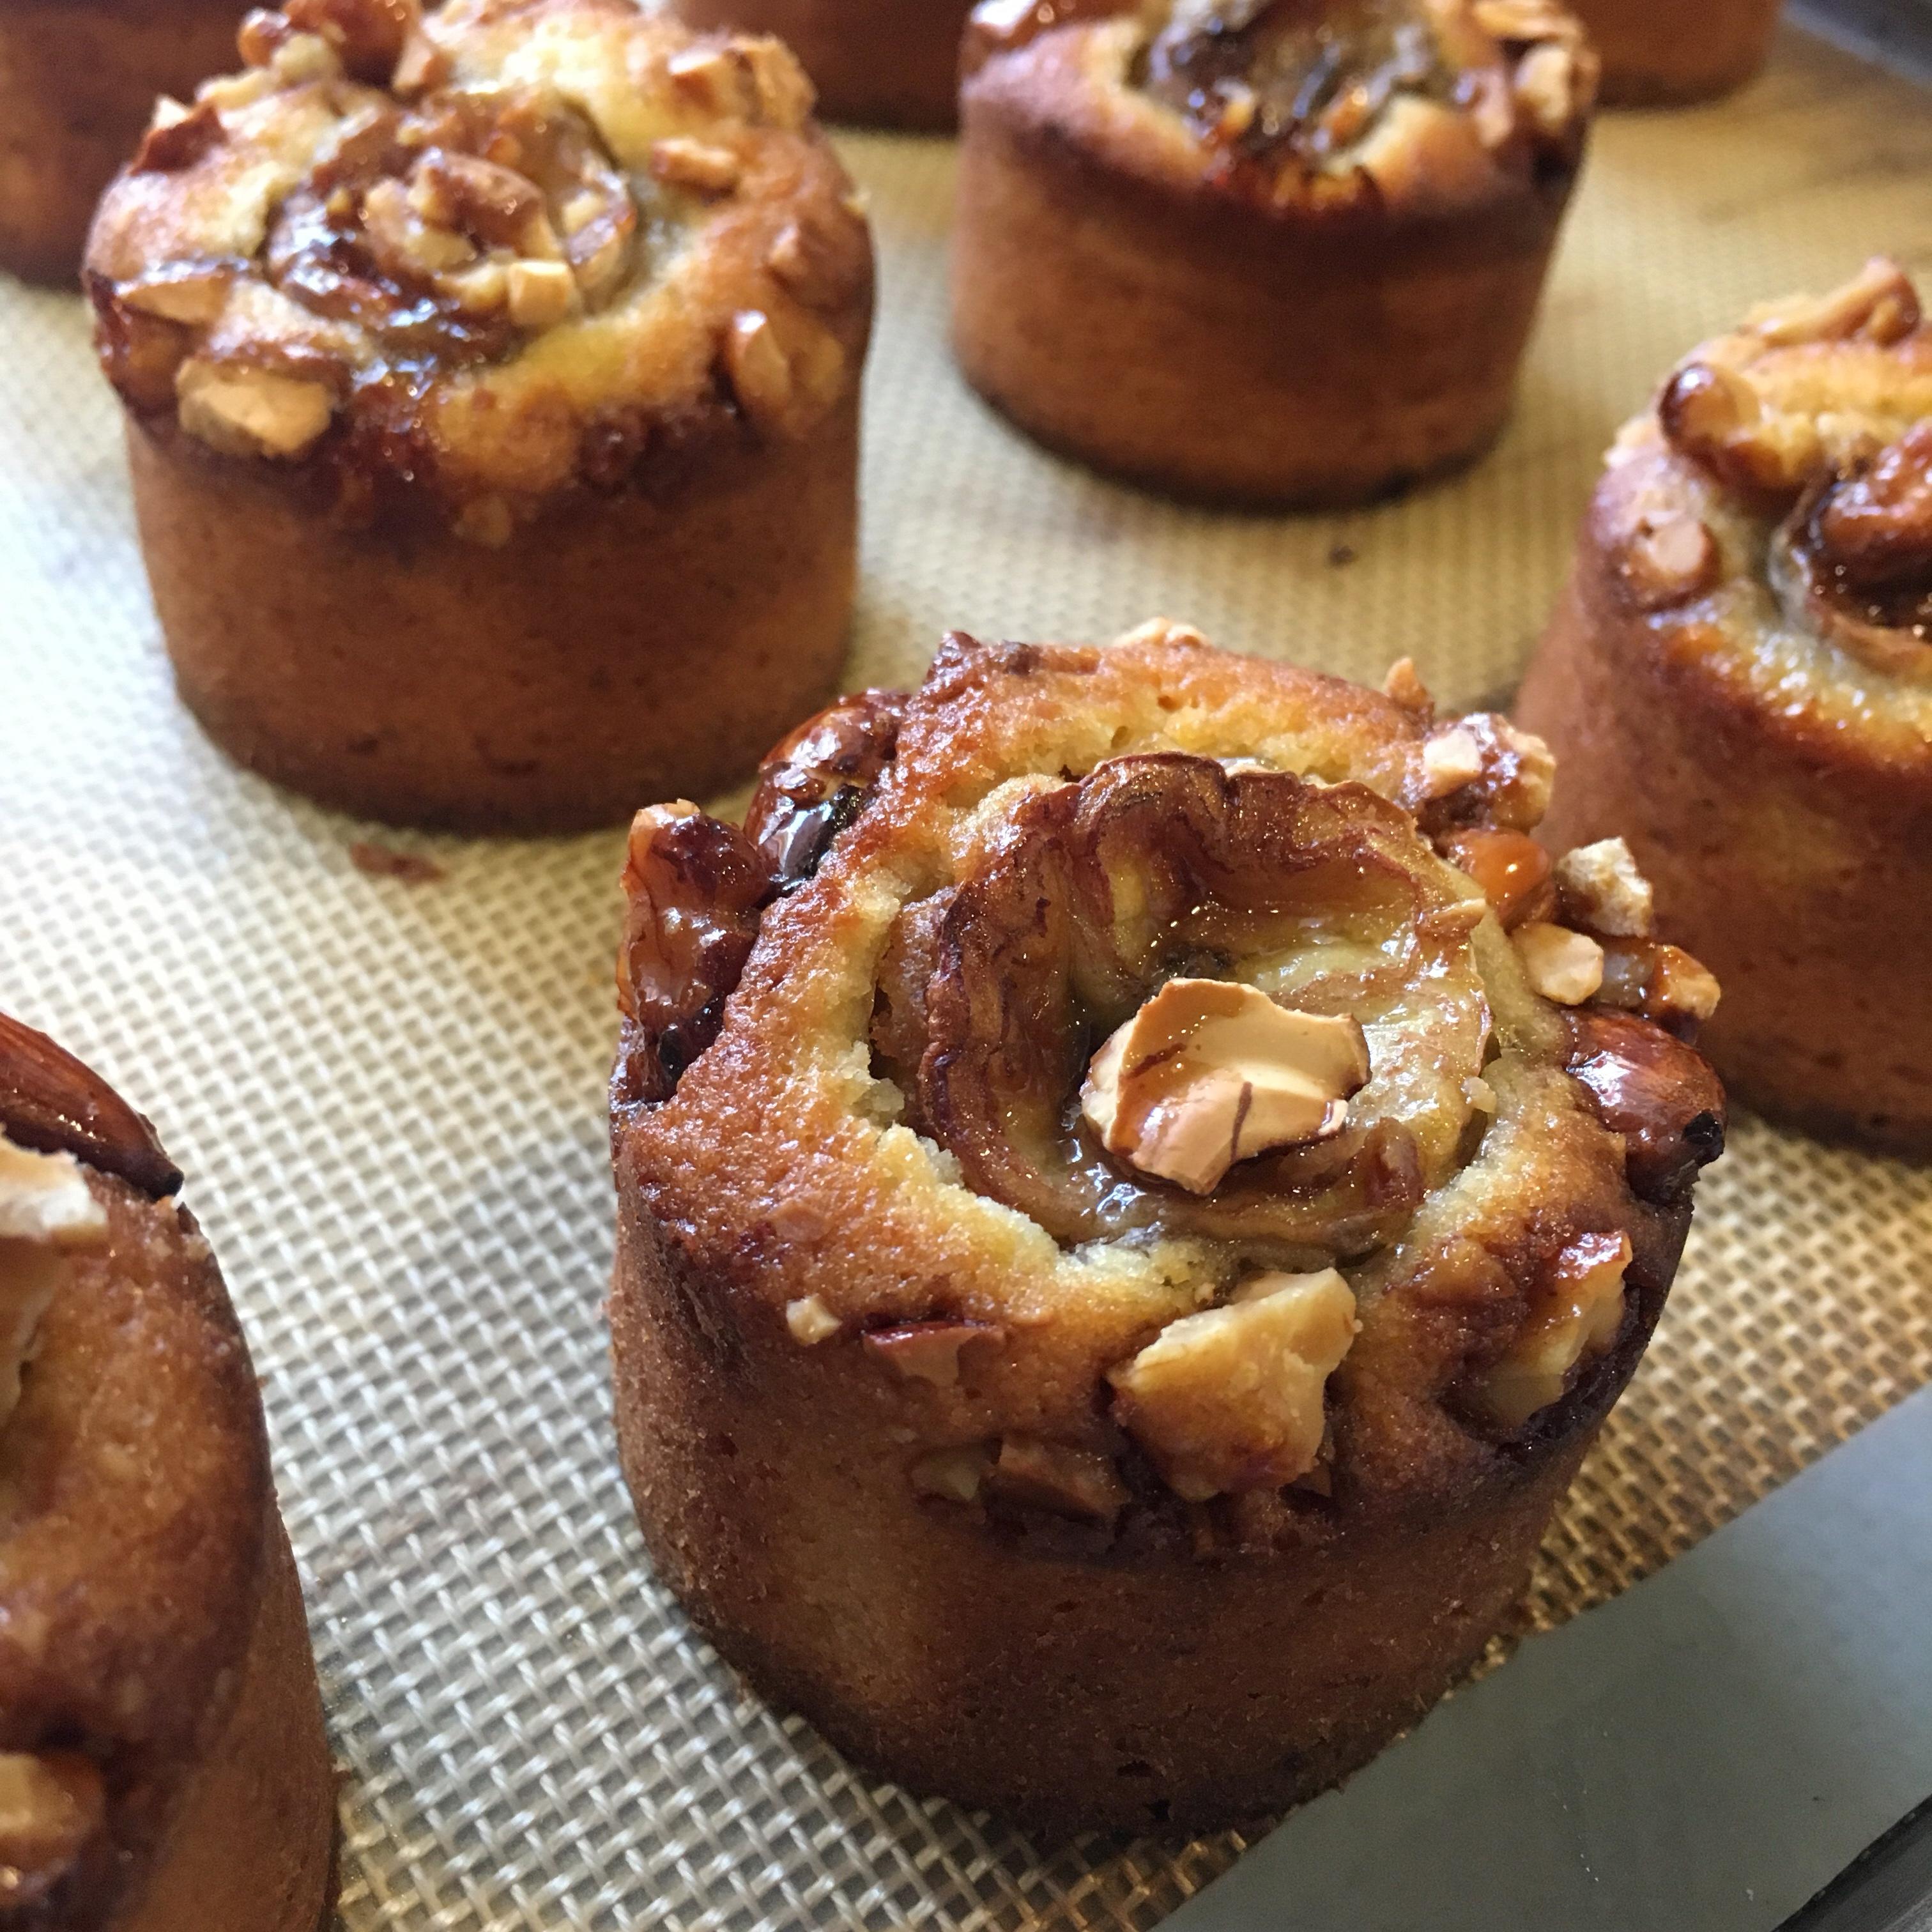 完熟バナナのケーキ キャラメルナッツトッピング